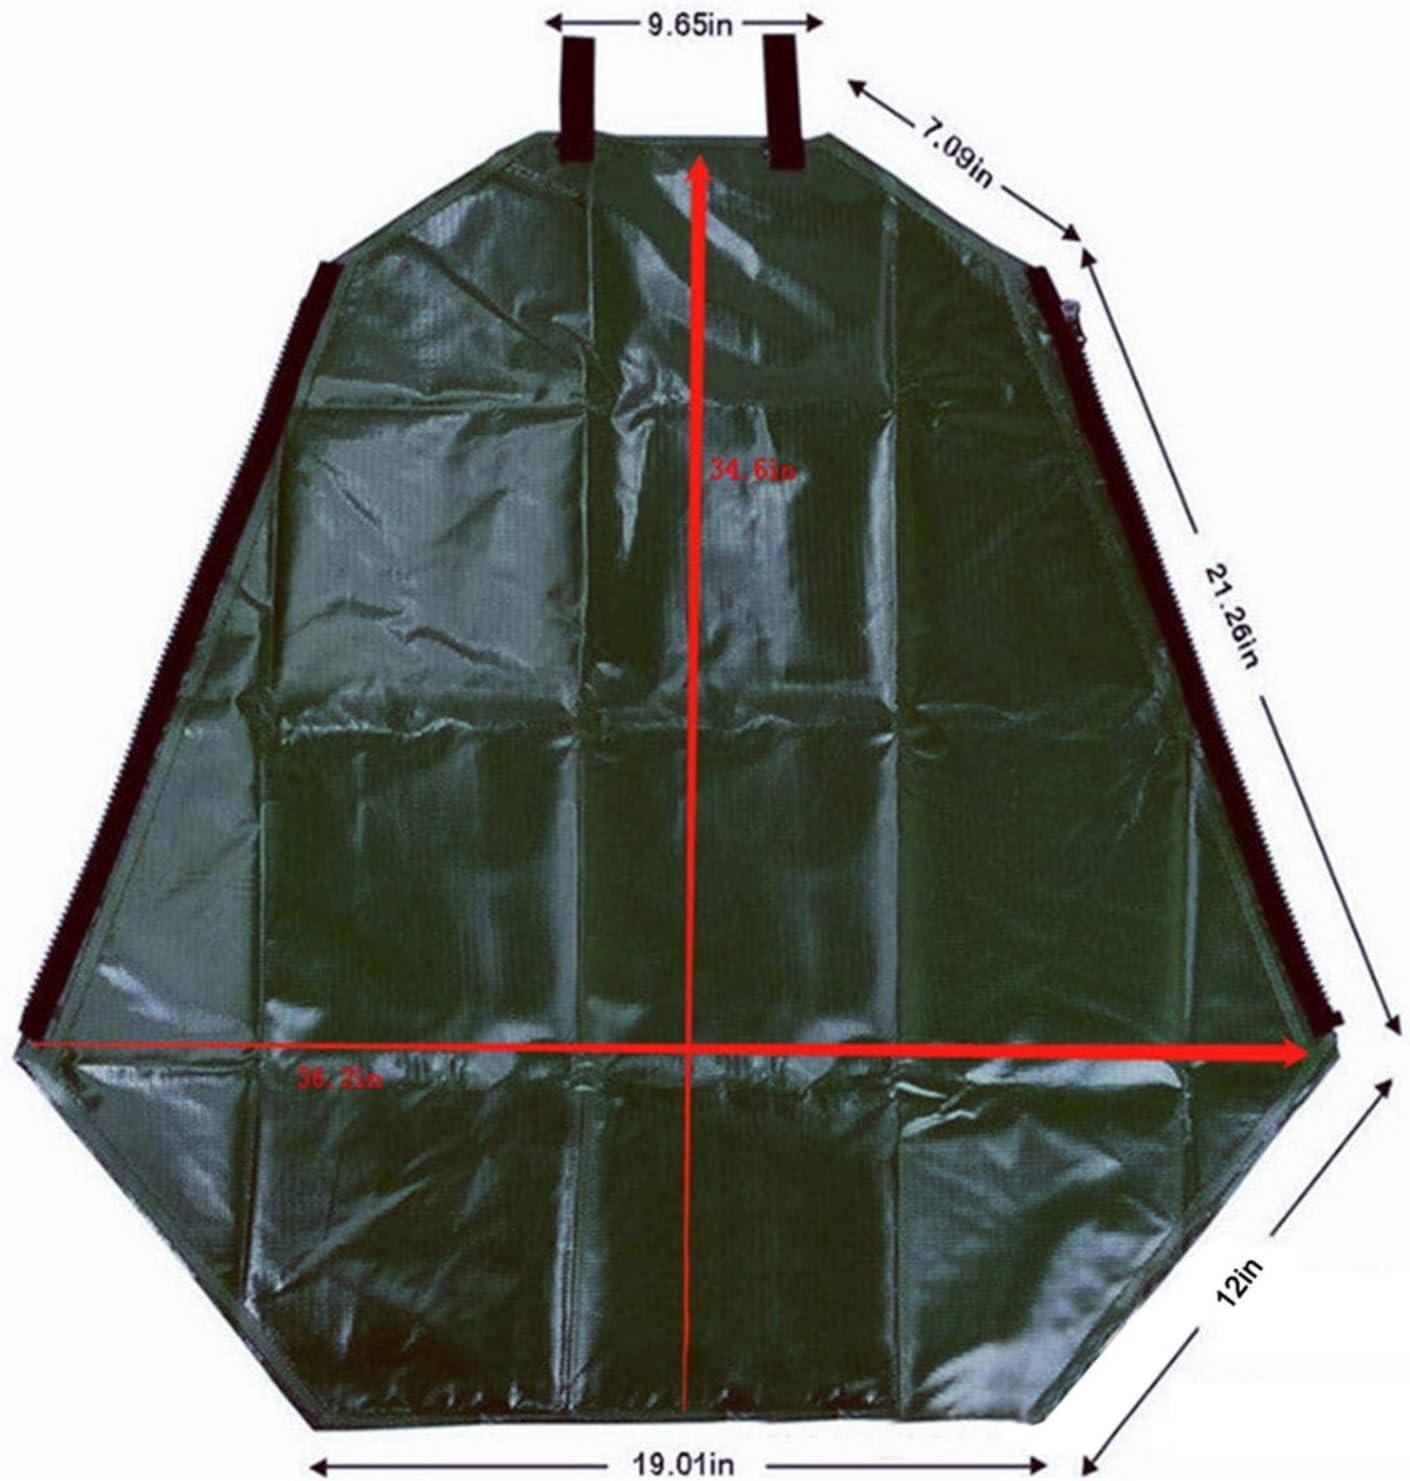 20 Gallonen Baumbewässerungsbeutel mobile Tröpfchenbewässereung Baumbewässerung